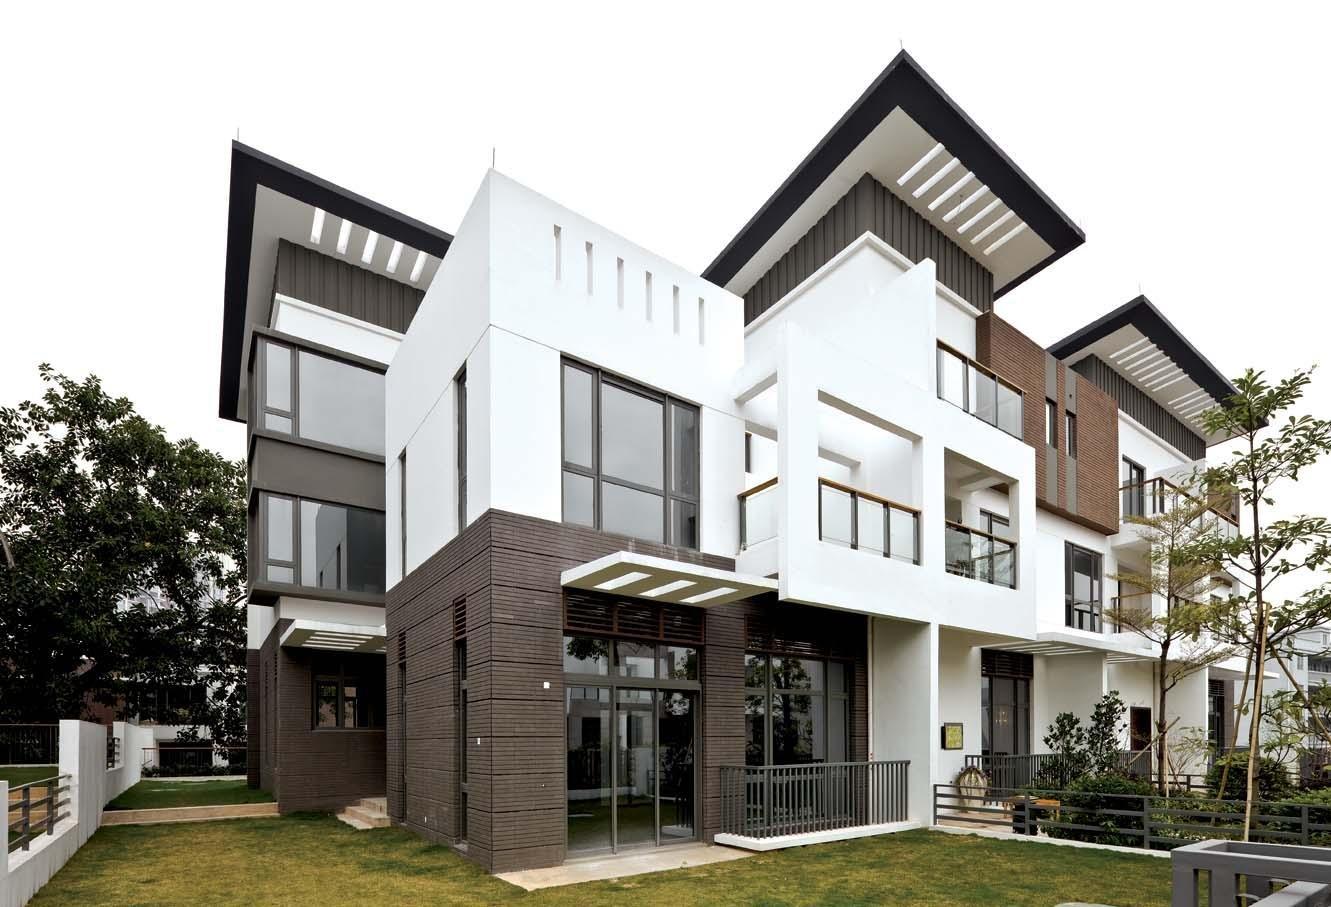 現代農村別墅外觀外墻瓷磚設計效果圖